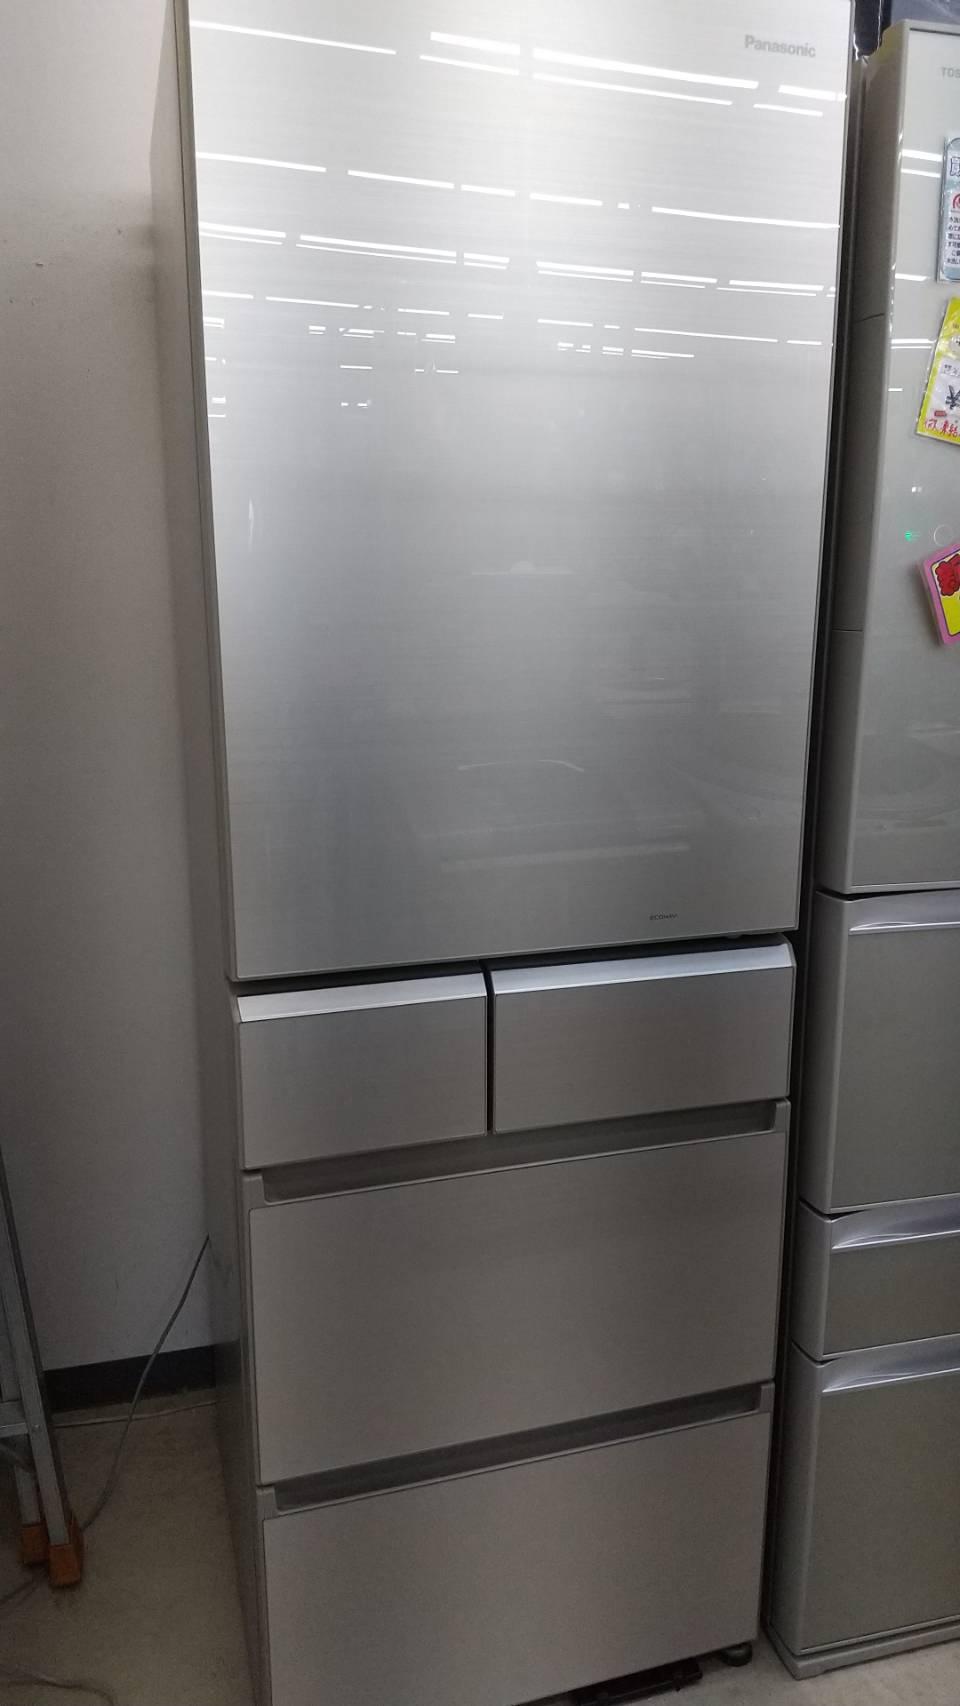 【Panasonic パナソニック 406Lガラストップ冷蔵庫 2016年式 NR-E412PV-N】の買取-